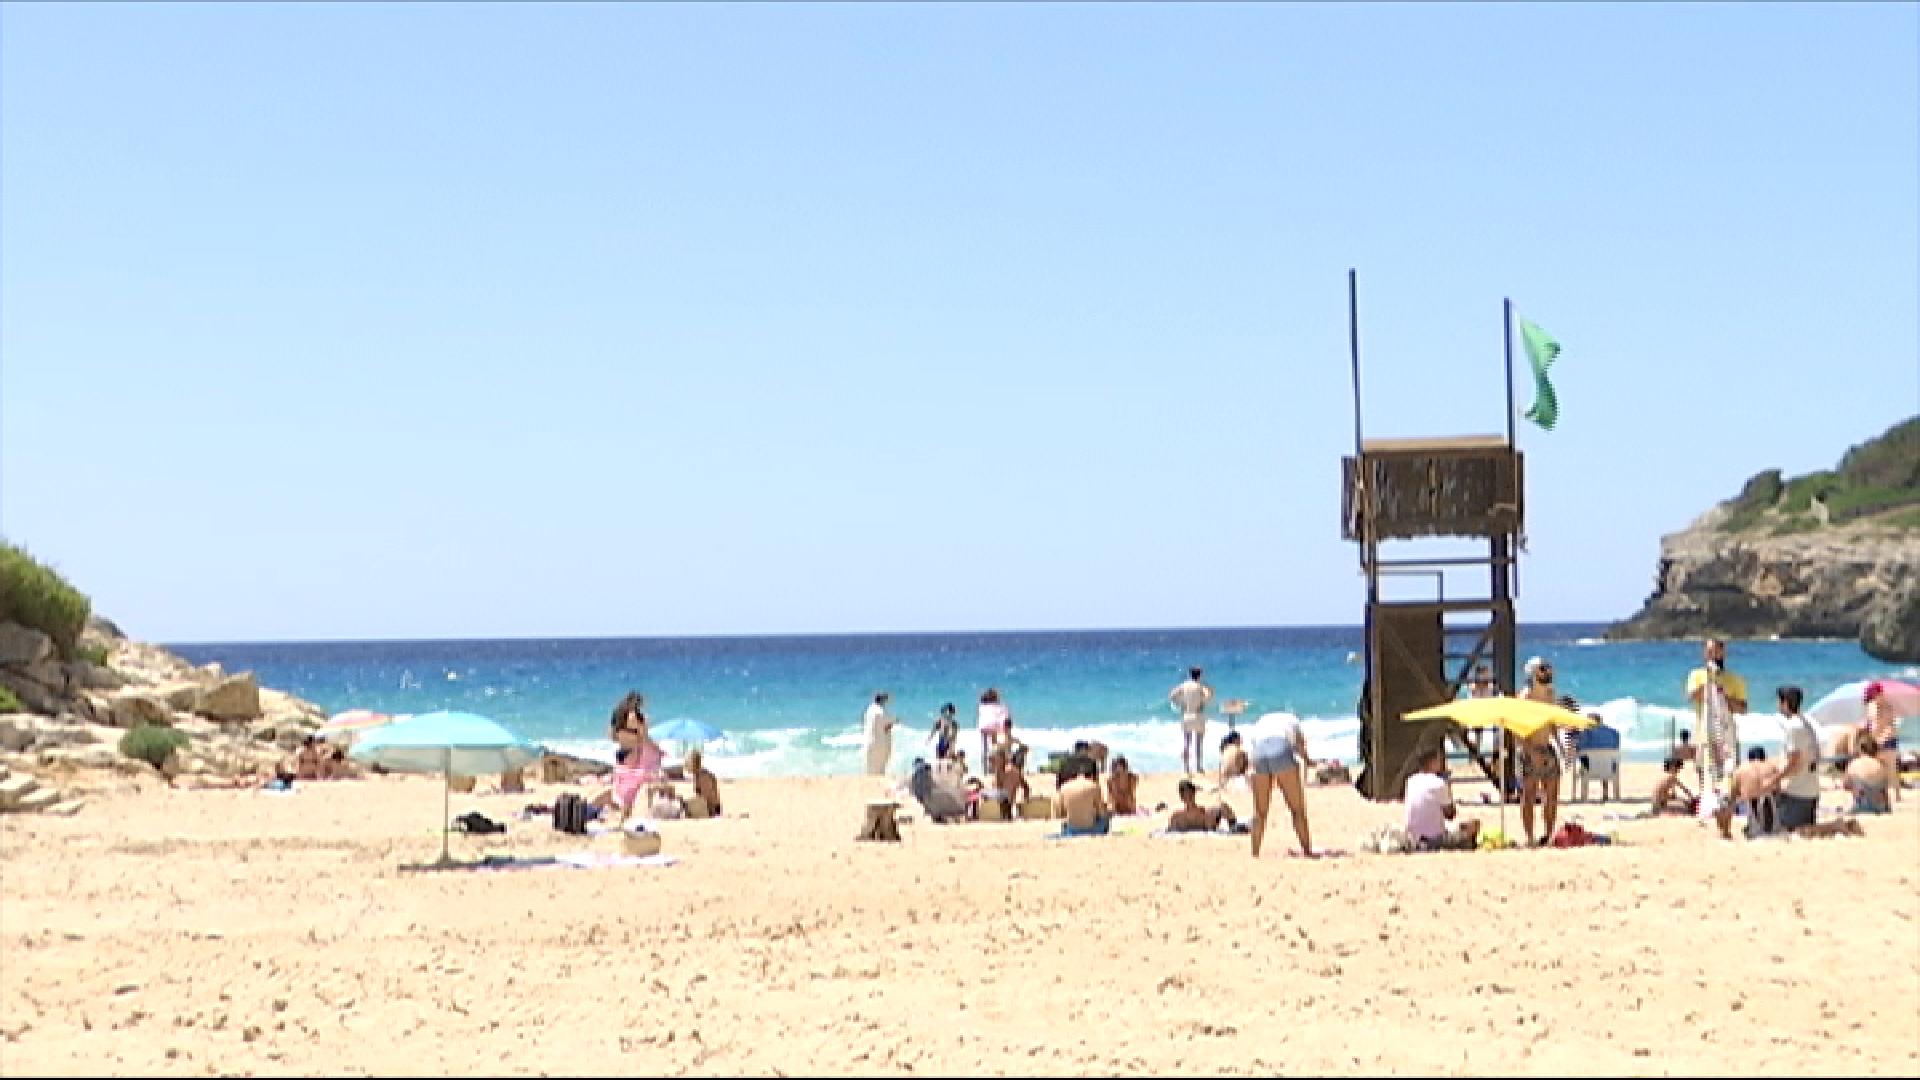 9+platges+de+Manacor+es+promocionaran+sota+el+segell+%26%238216%3Bcovid+free%27